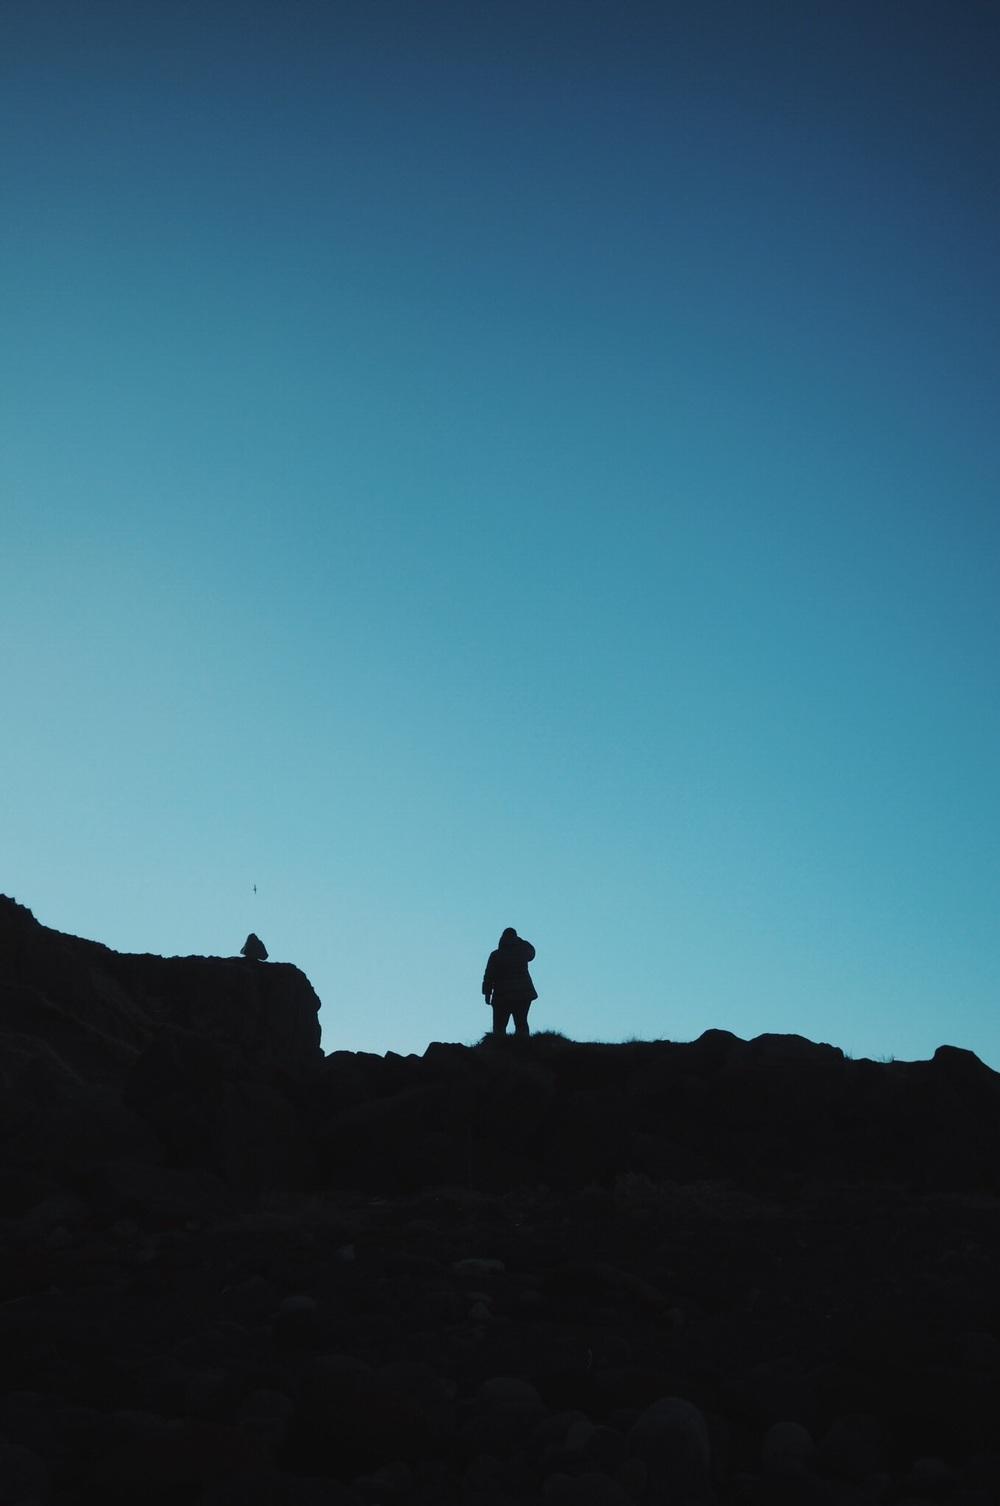 caitlin silhouette